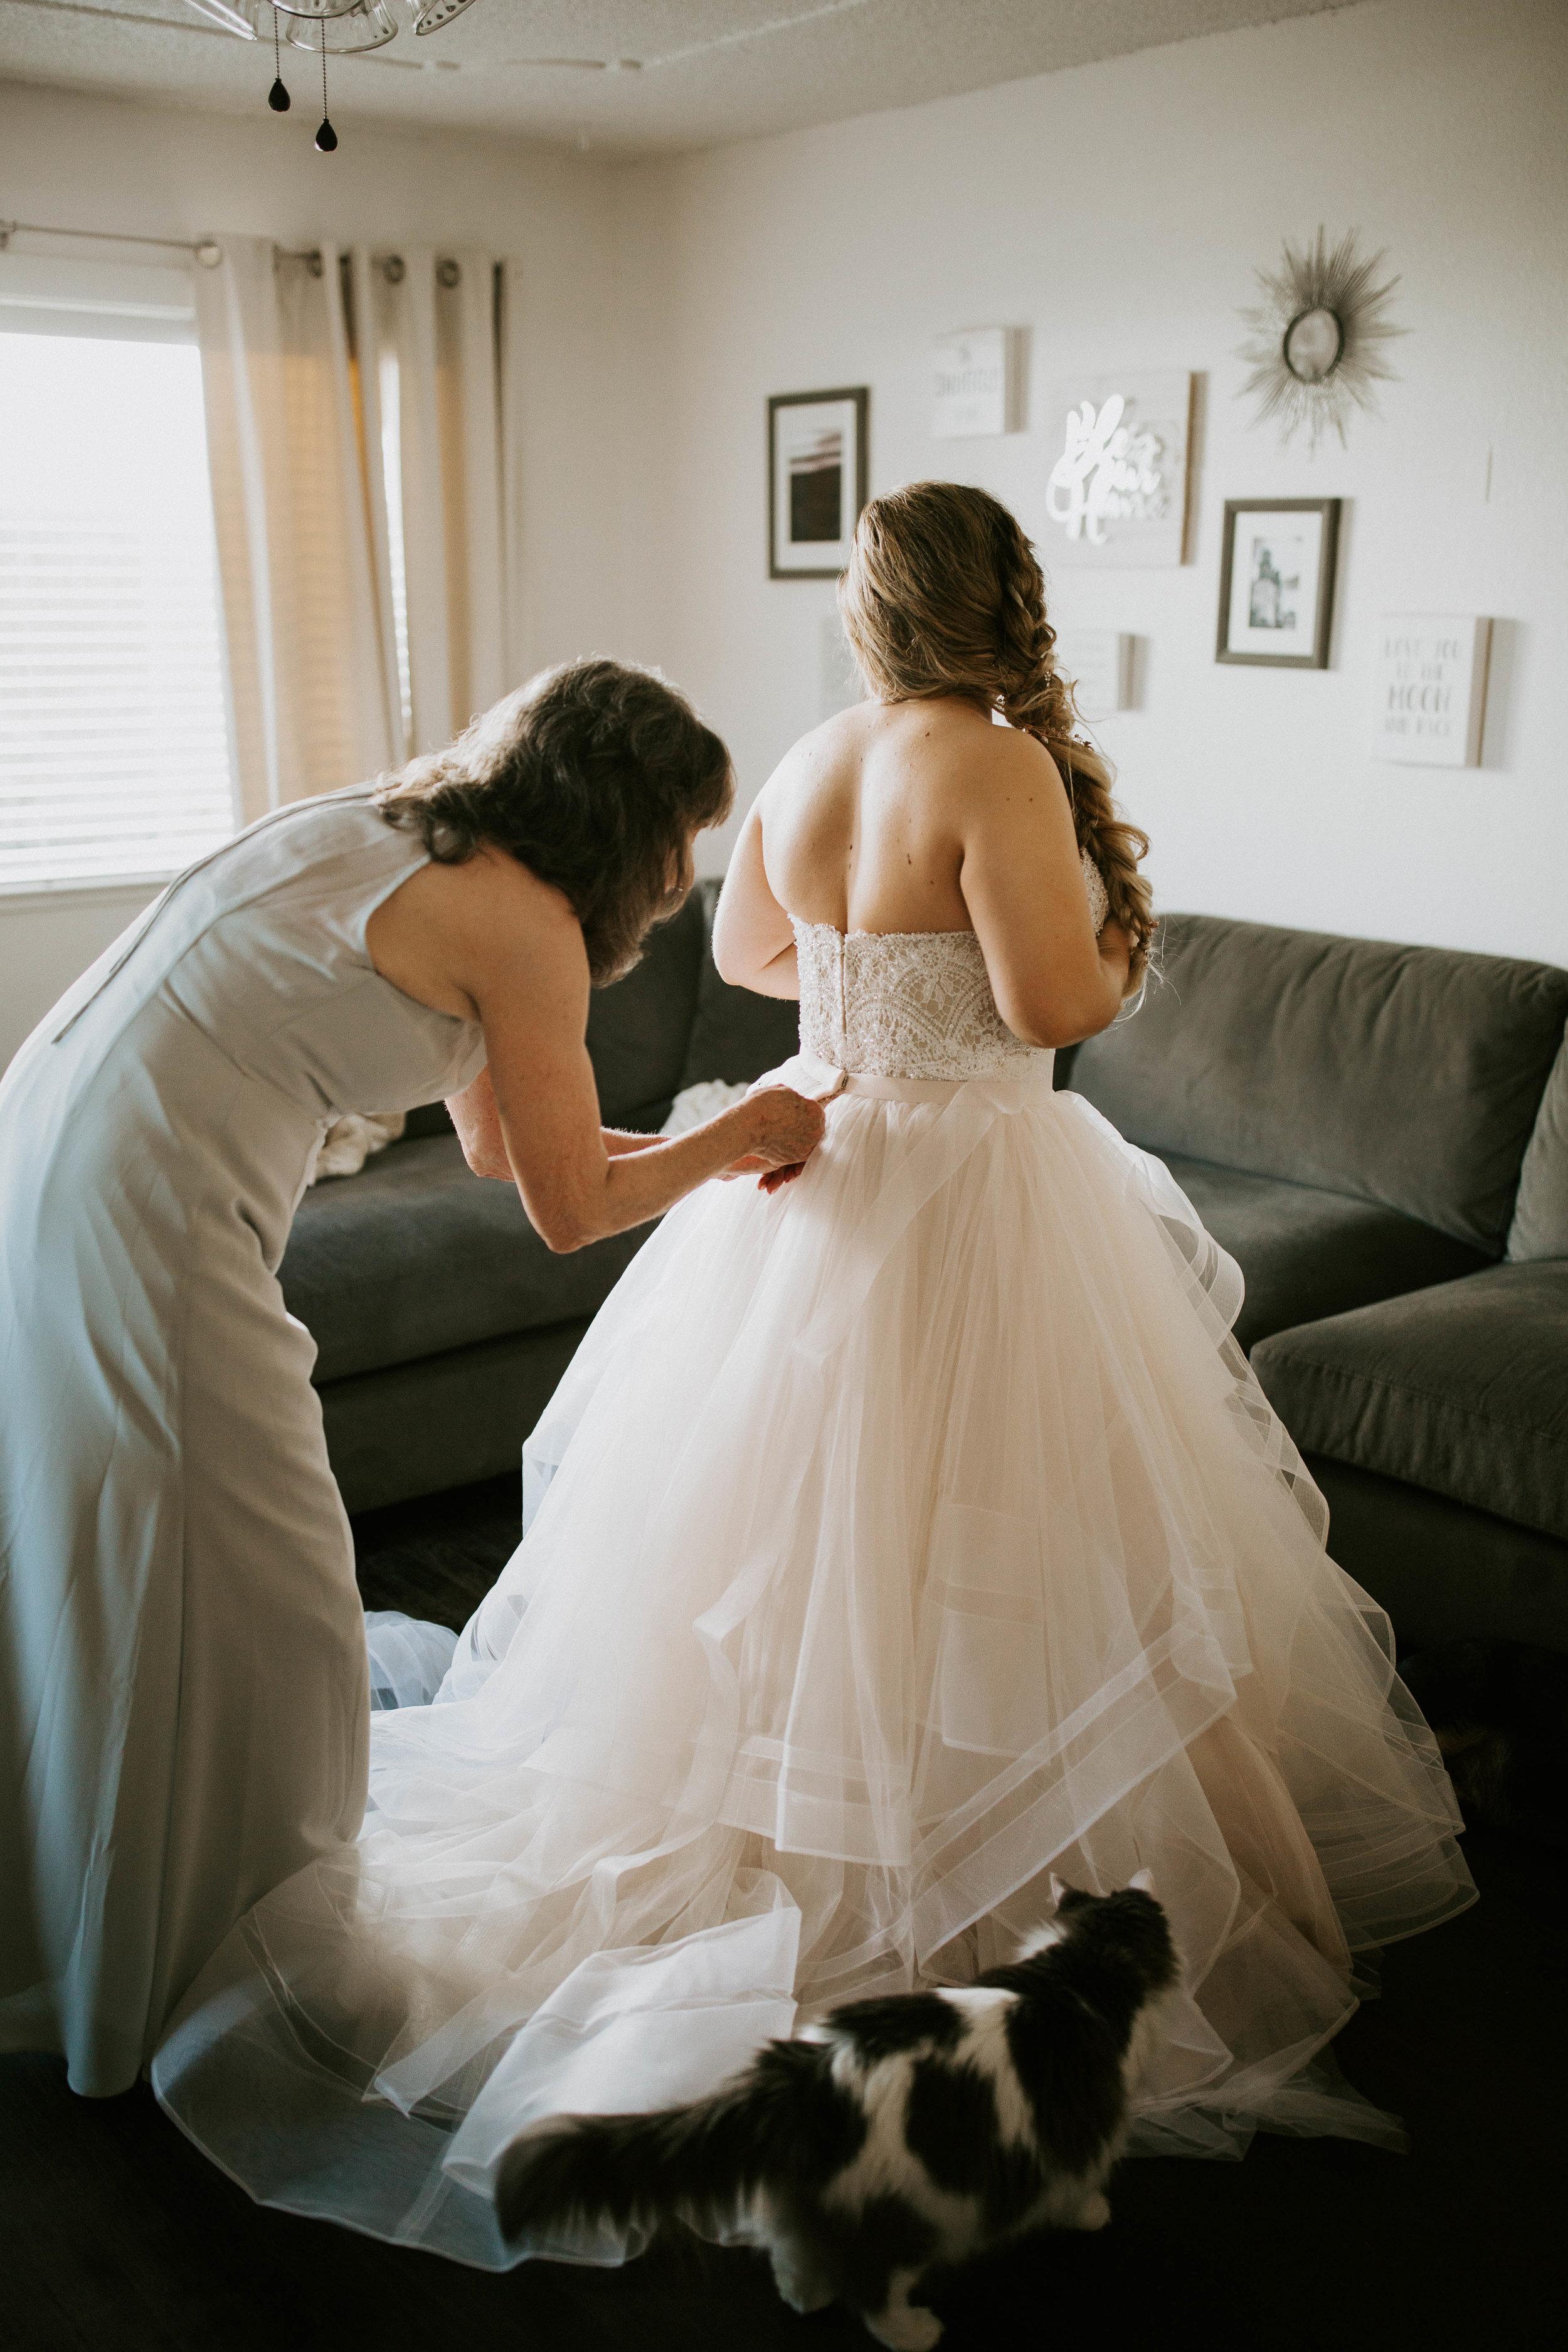 Kelsee&Yudith'sbackyardintimatewedding(35of646).jpg